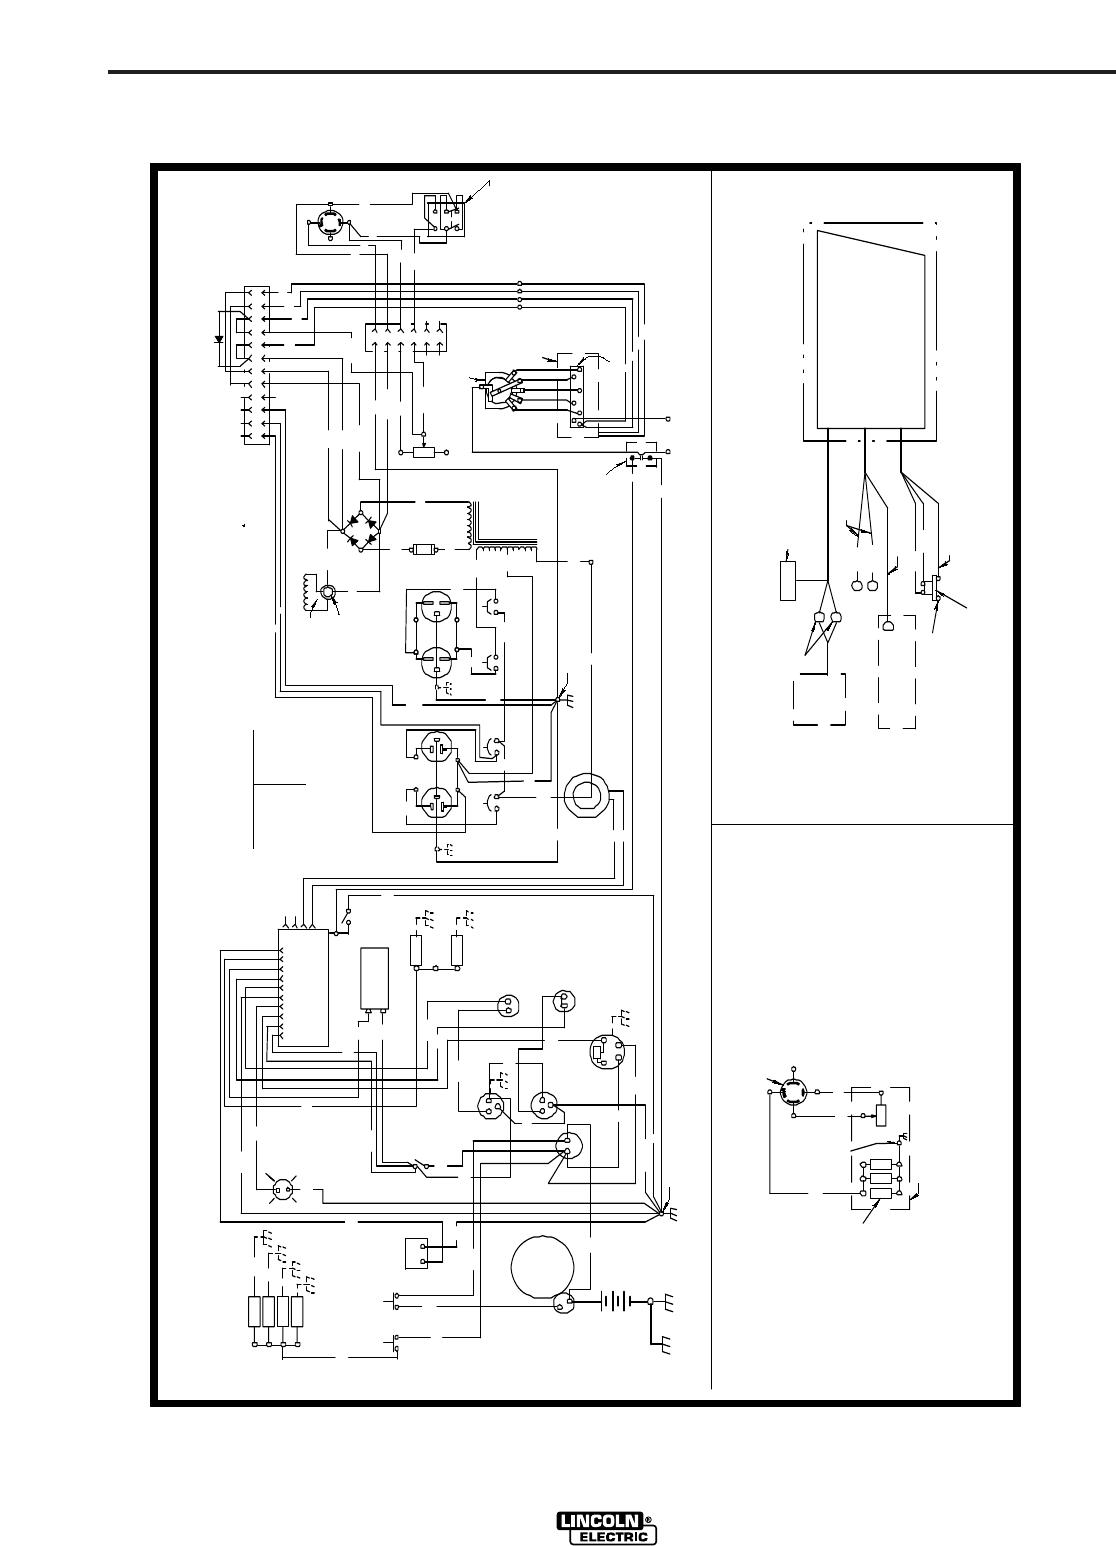 Erfreut 1982 Cb750c Schaltplan Ideen - Der Schaltplan - triangre.info